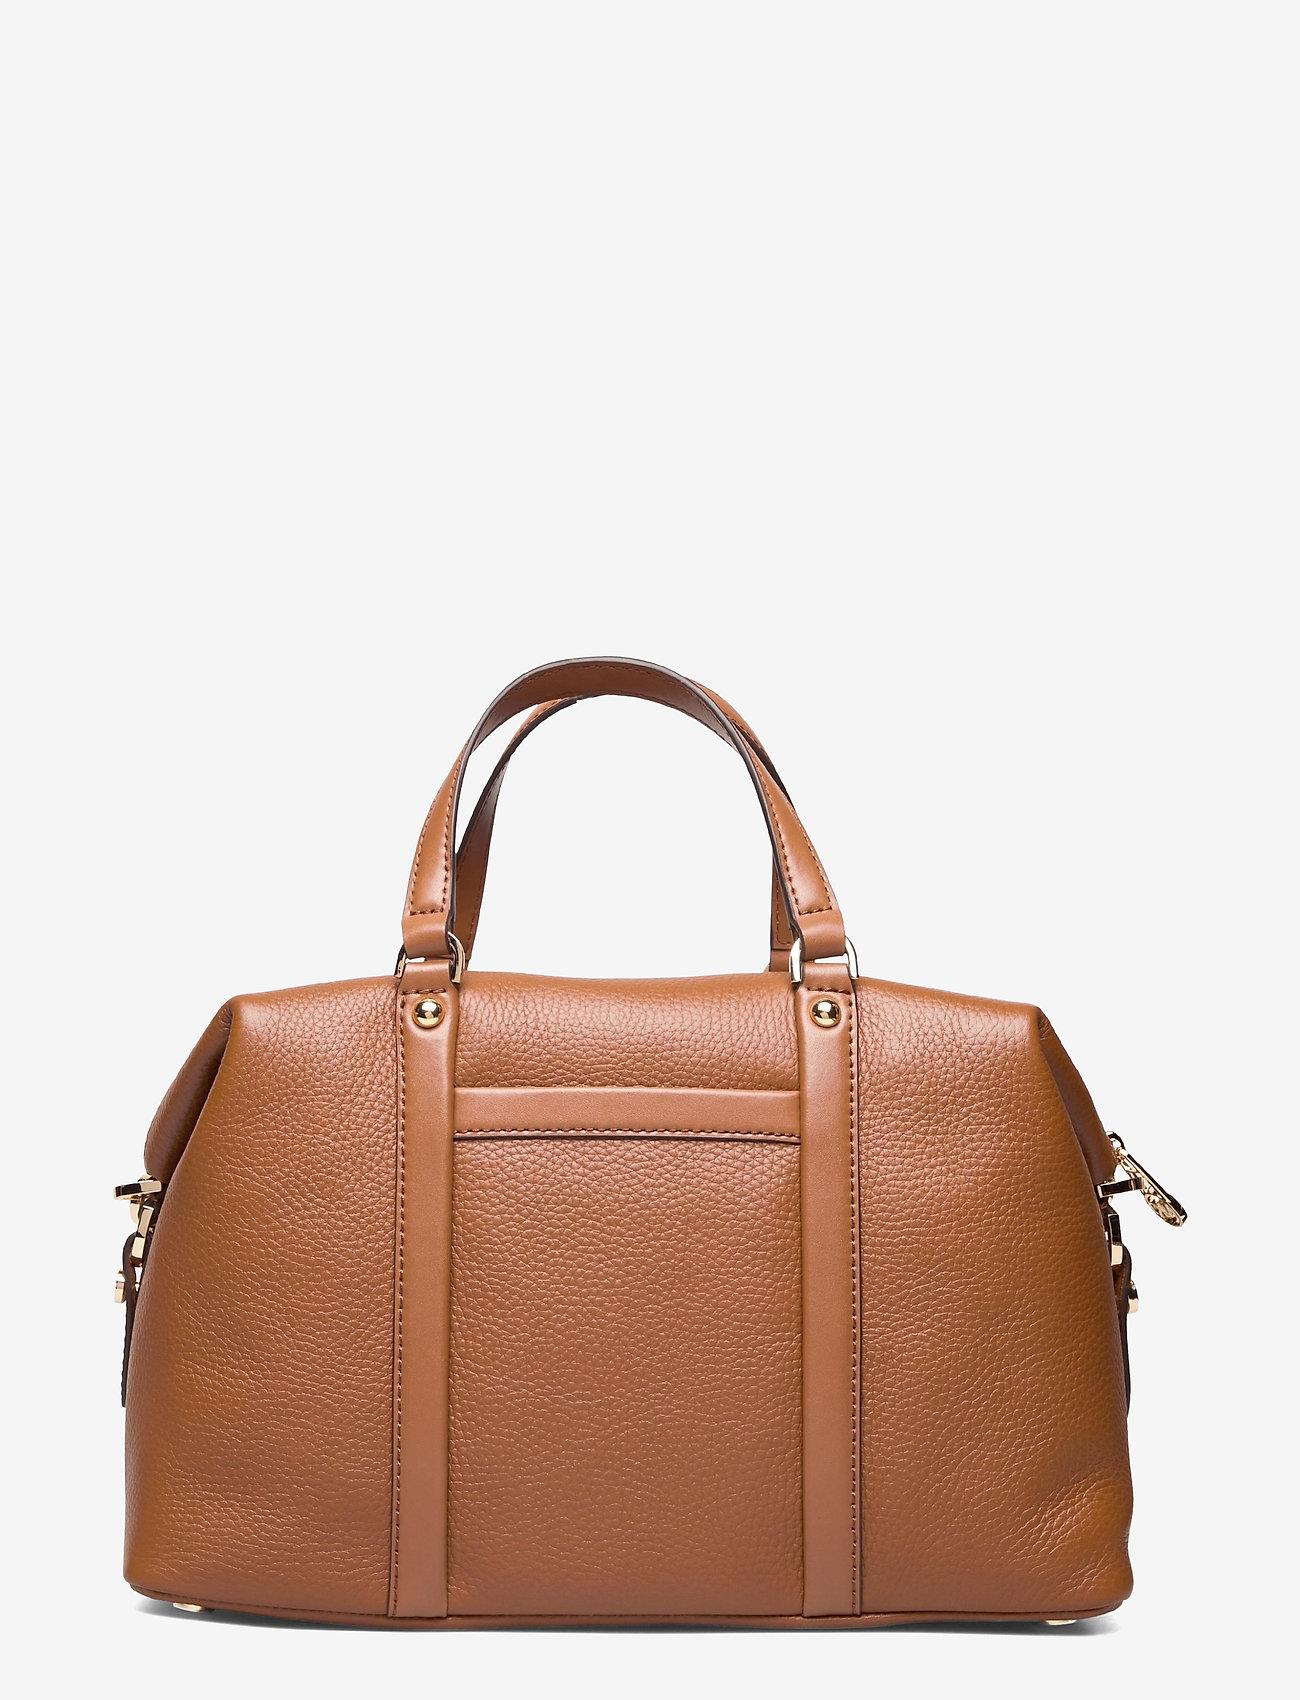 Michael Kors - MD SATCHEL - weekend bags - luggage - 1